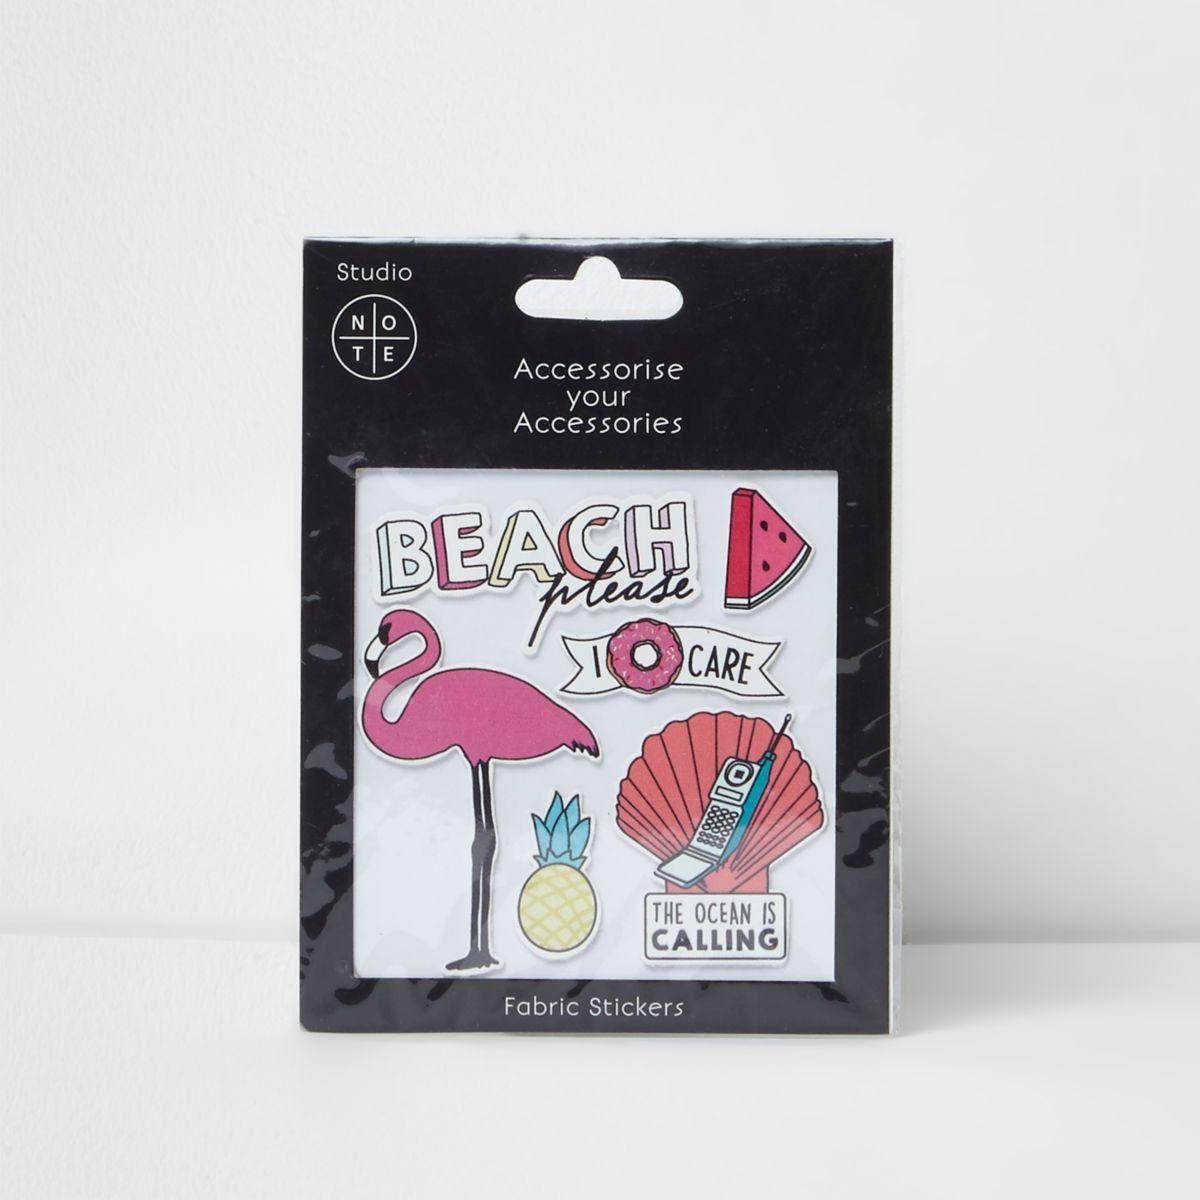 Pinke Sticker aus Stoff